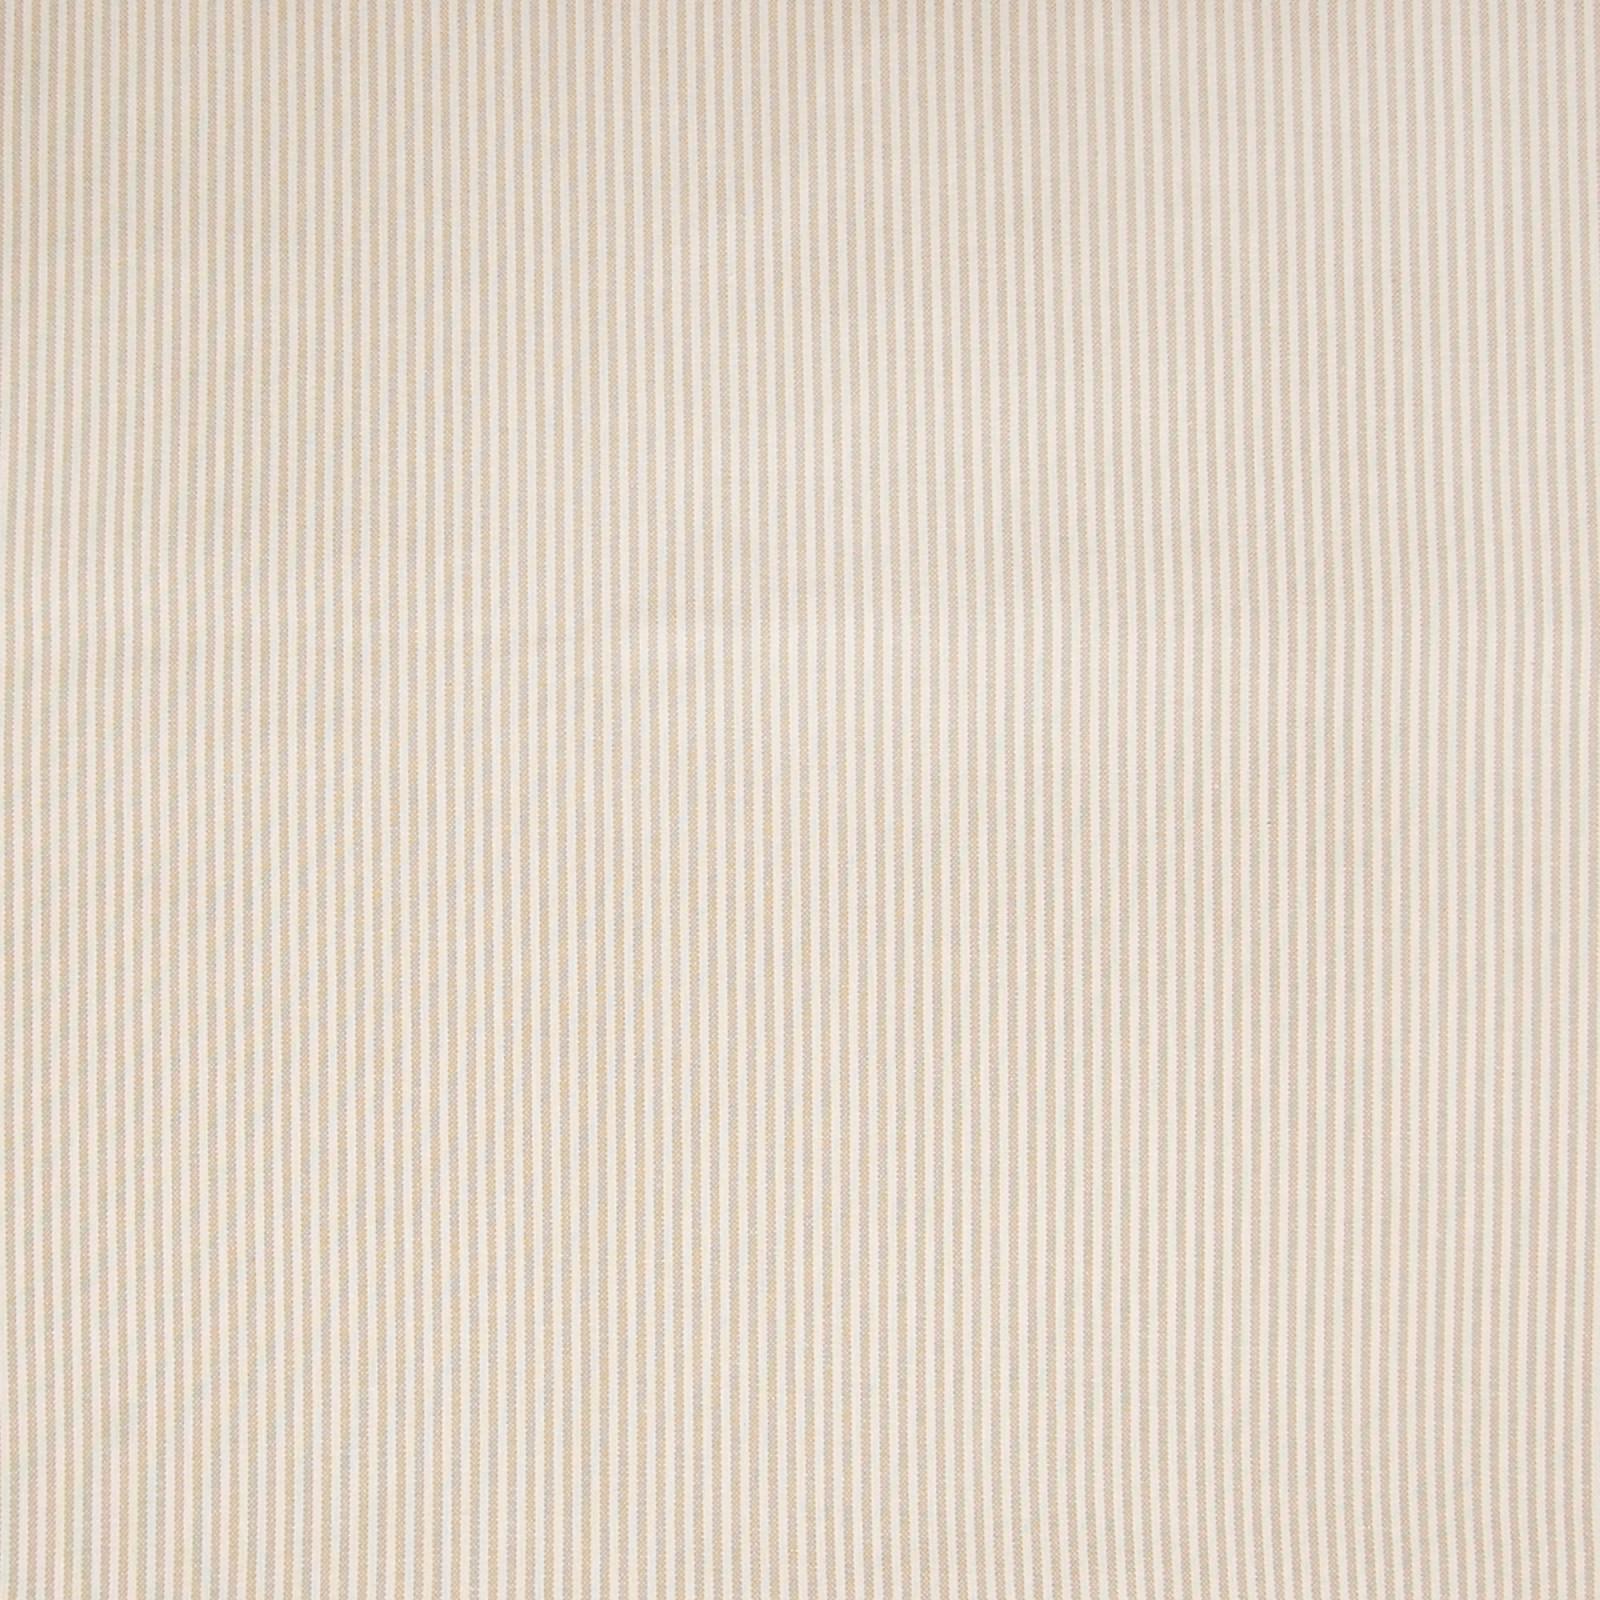 96215 Buff Fabric E42 B95 BUFF BALDWIN NEUTRAL TAUPE